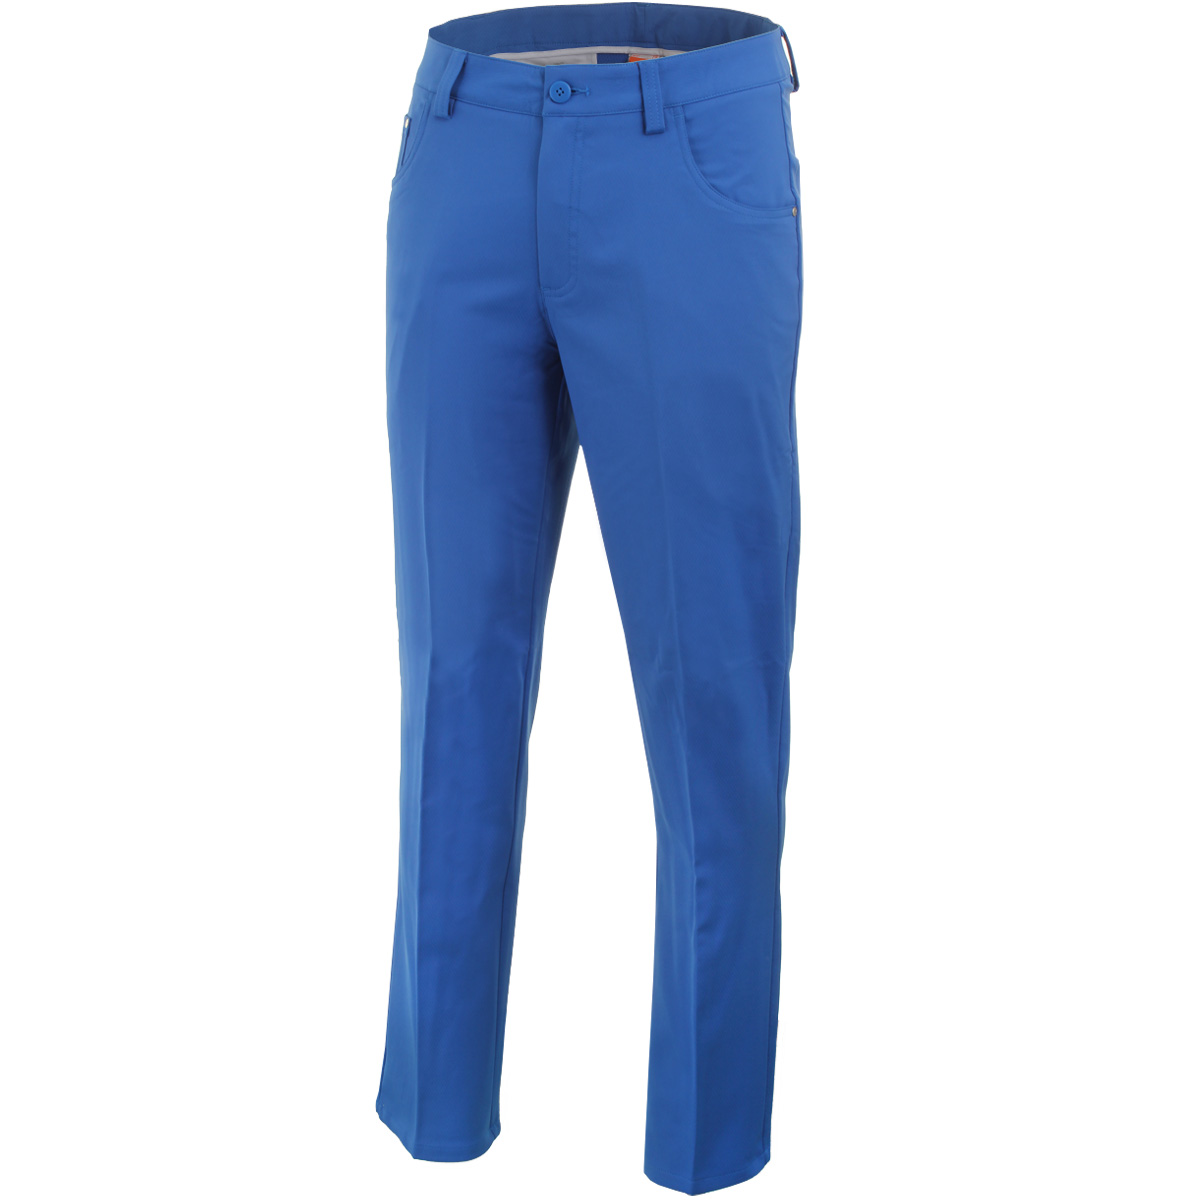 Puma 6 Pocket pant pánské golfové kalhoty - modré Velikost: 32/34